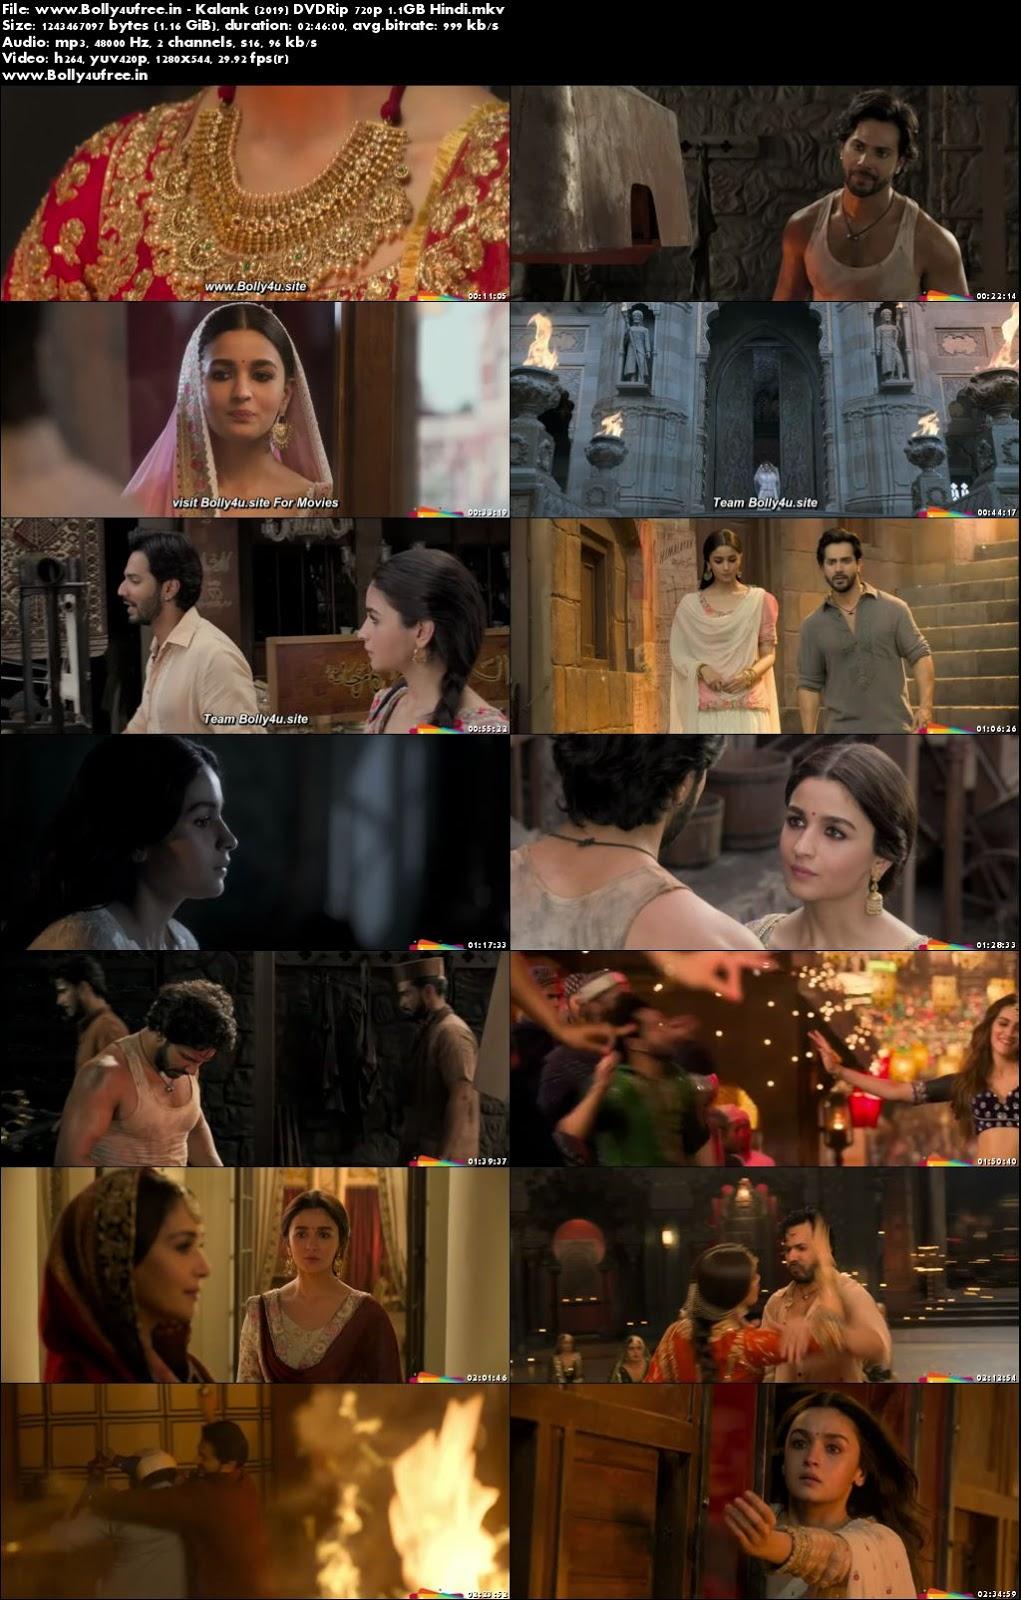 Kalank 2019 Hindi Full Movie Download DVDRip 450MB 480p